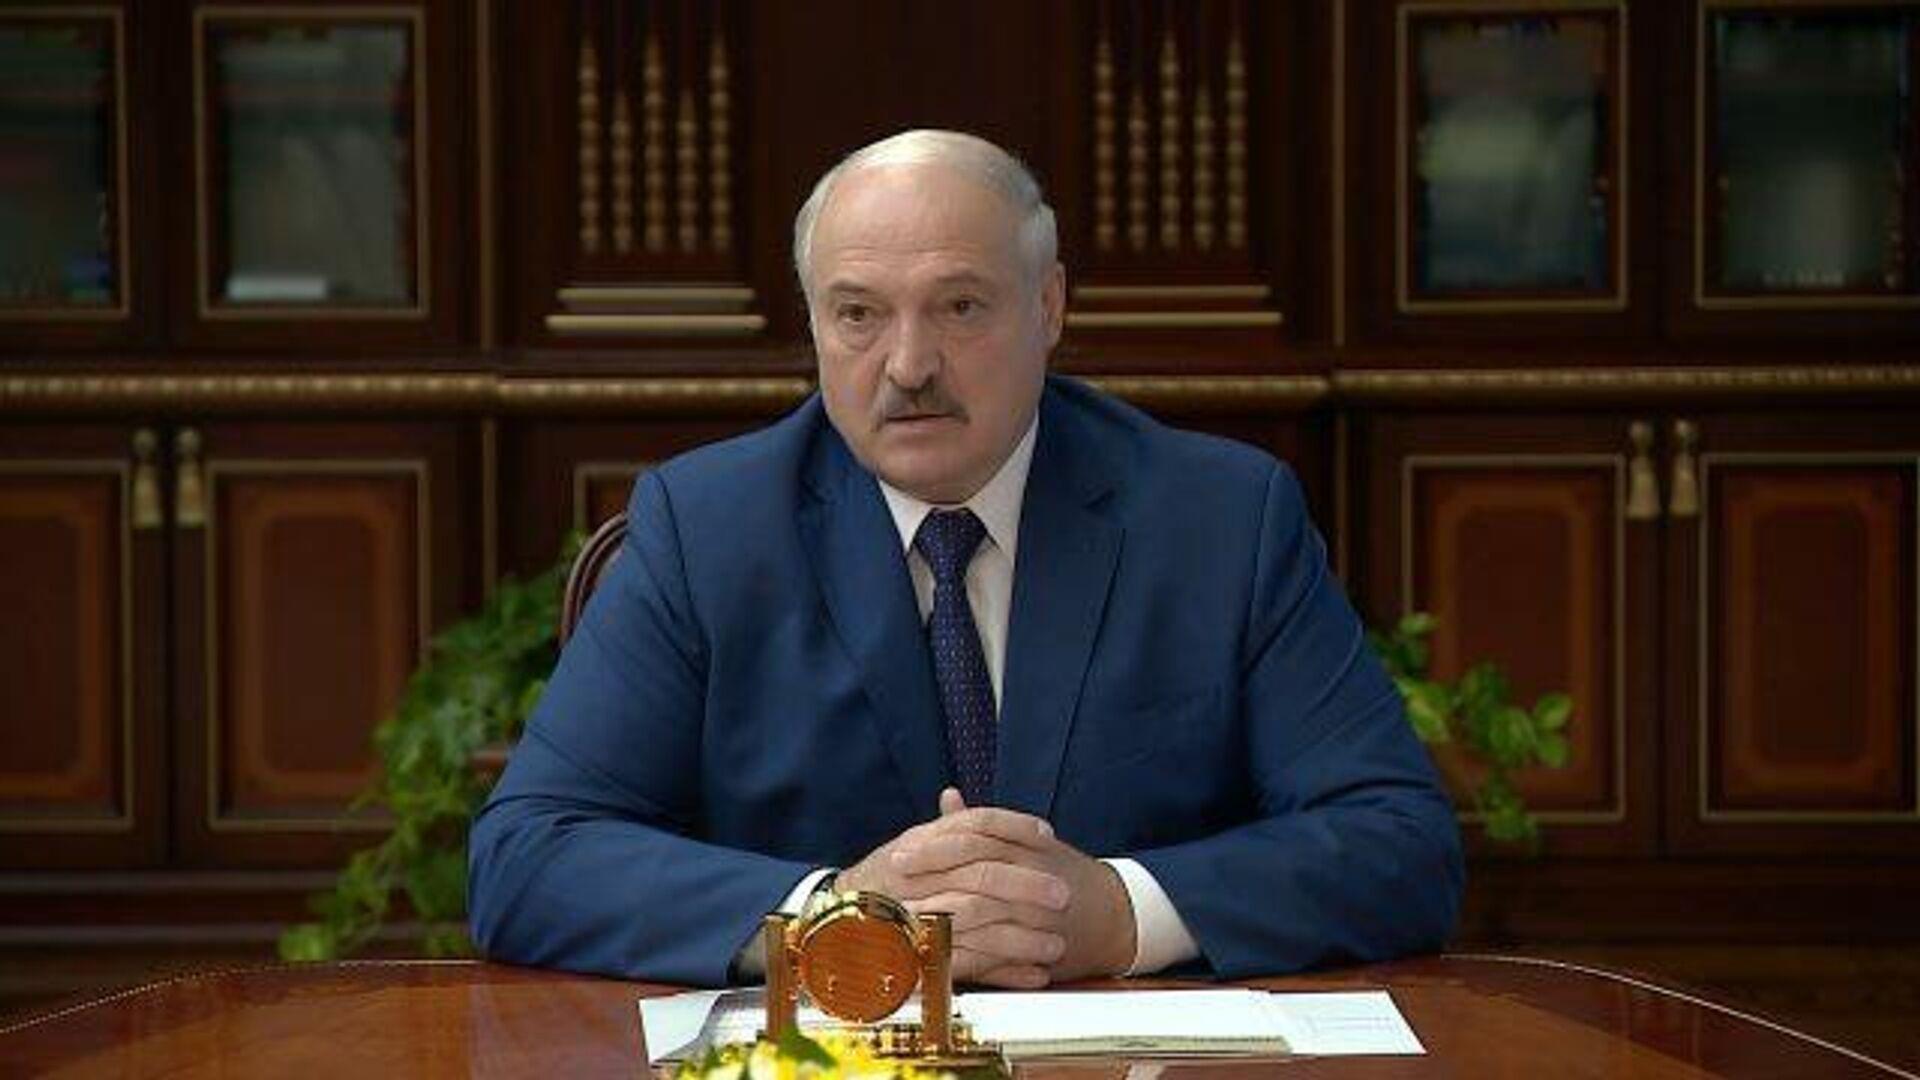 Мерзавцы полные: Лукашенко высказался о литовских властях - РИА Новости, 1920, 05.08.2021